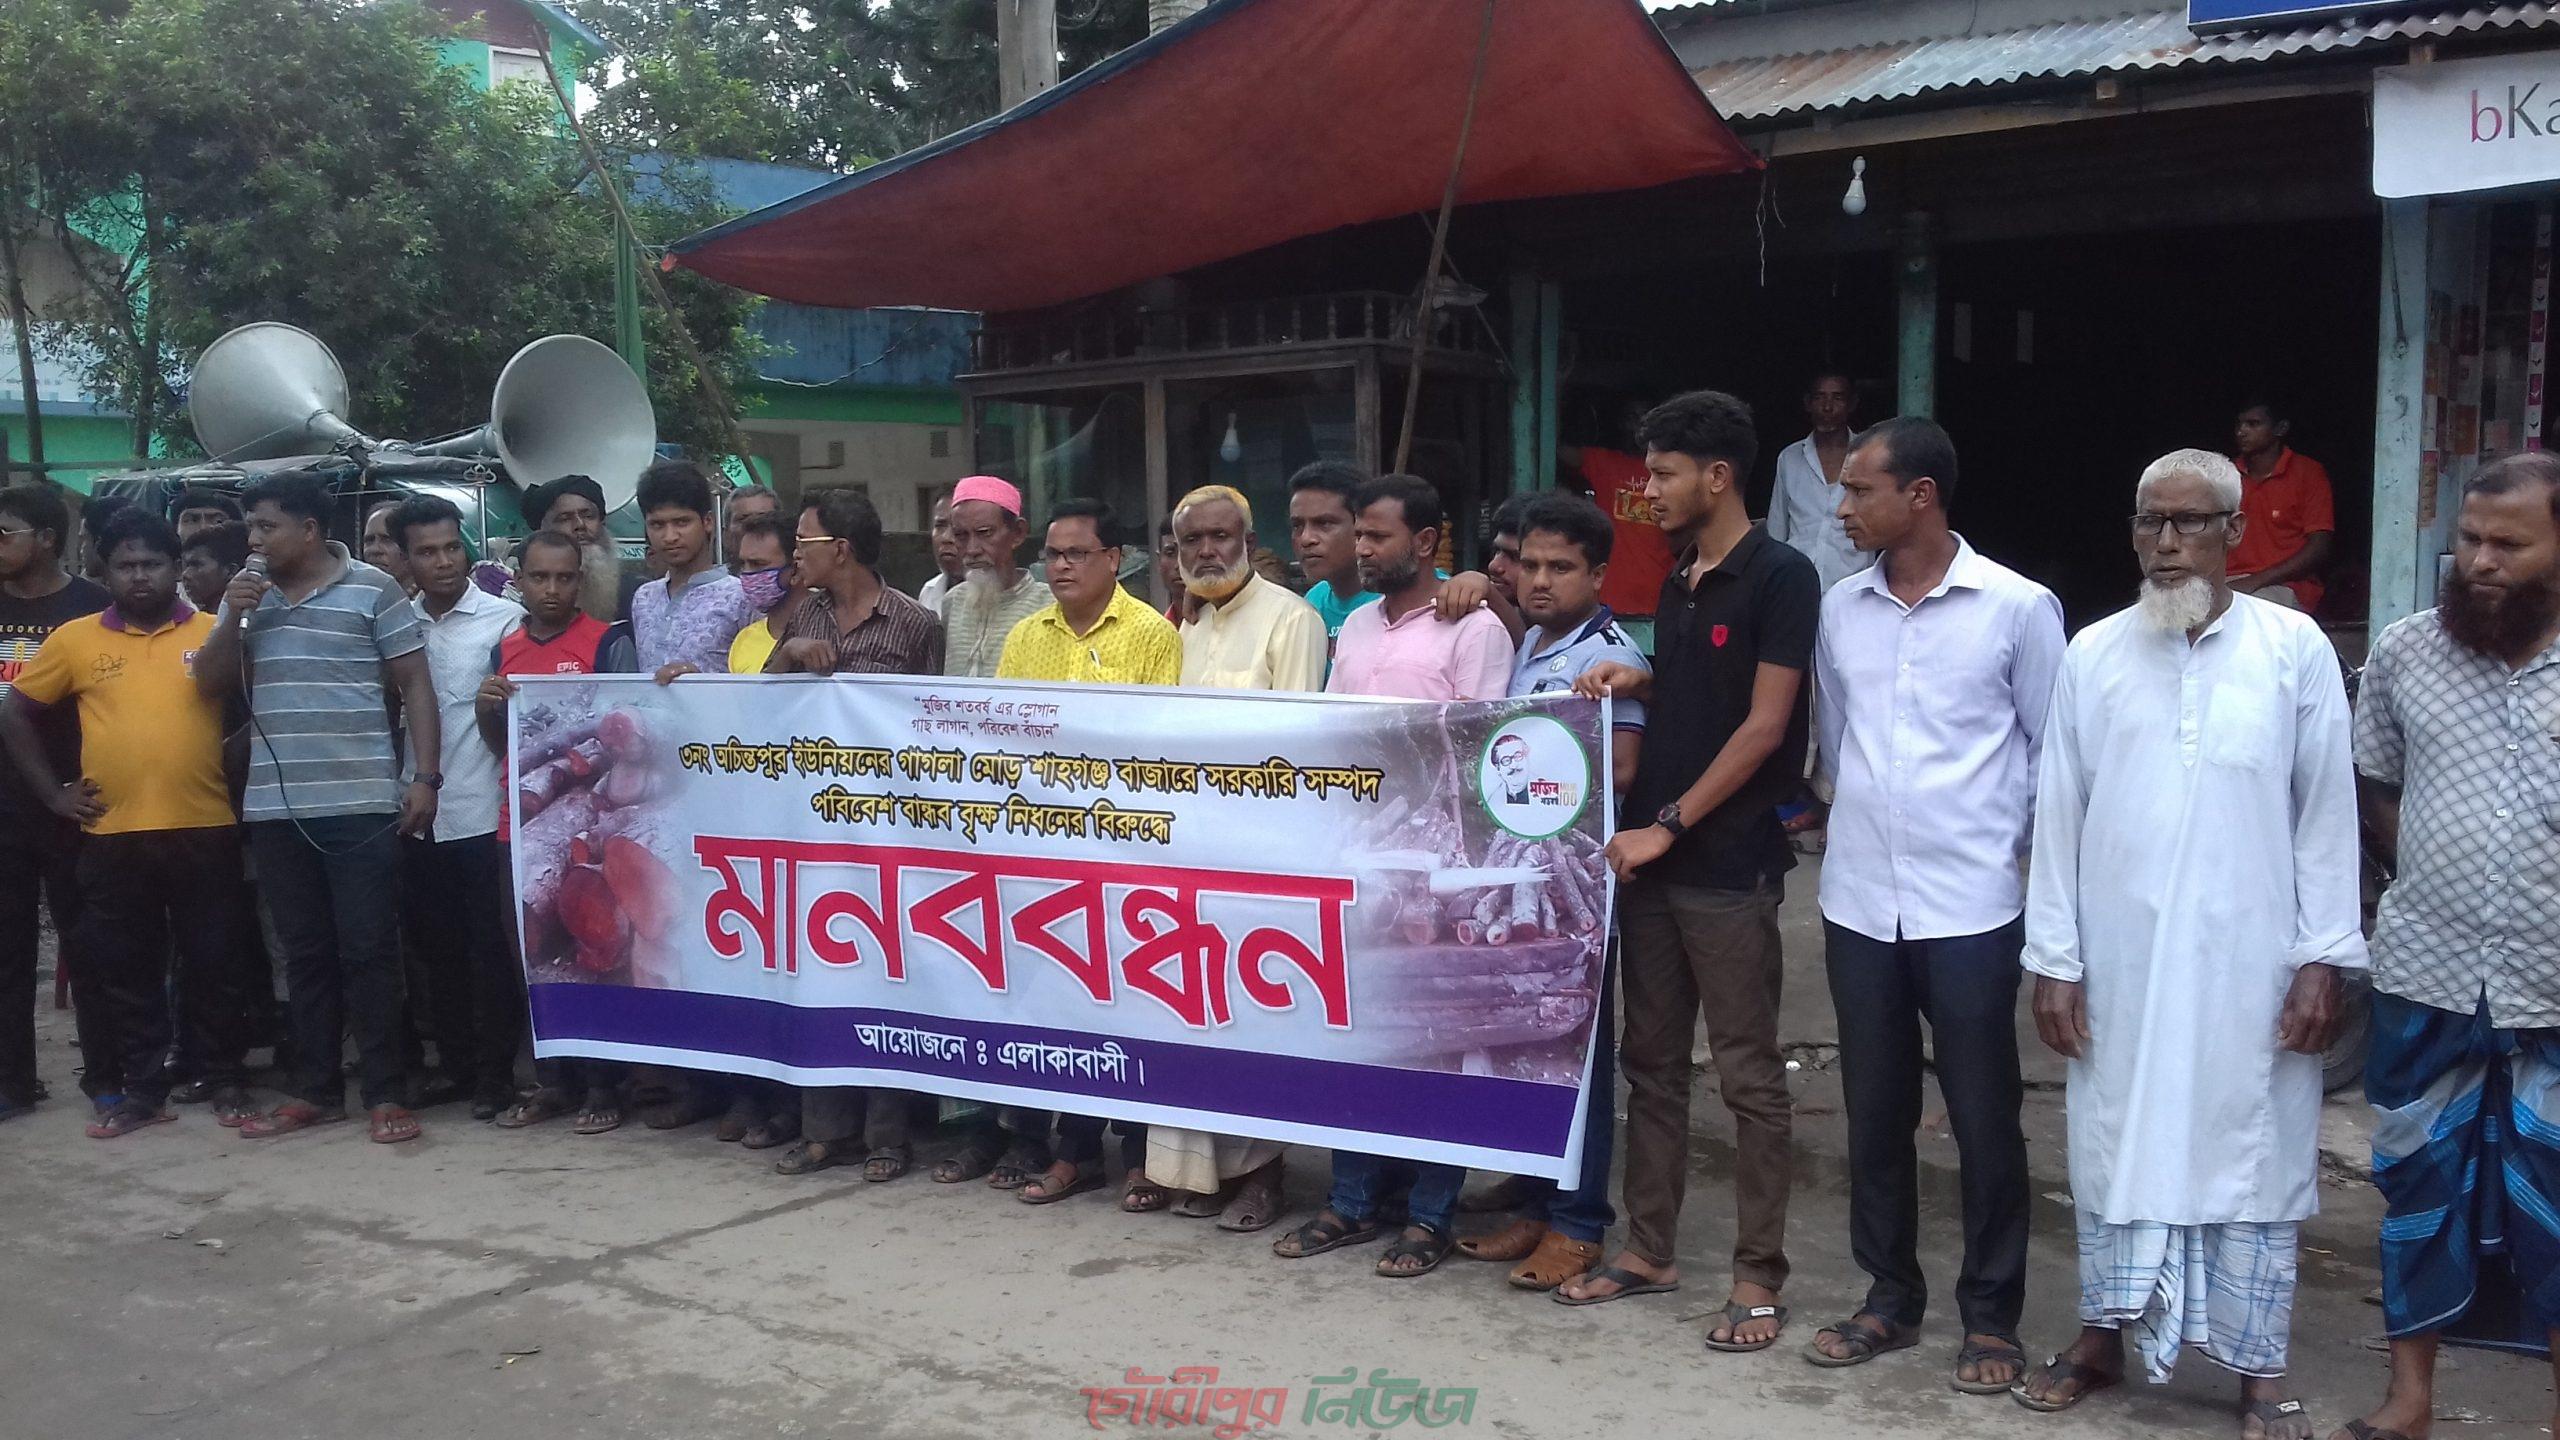 গৌরীপুরে কতিপয় আ'লীগ নেতার বিরুদ্ধে সরকারি গাছ বিক্রির অভিযোগ